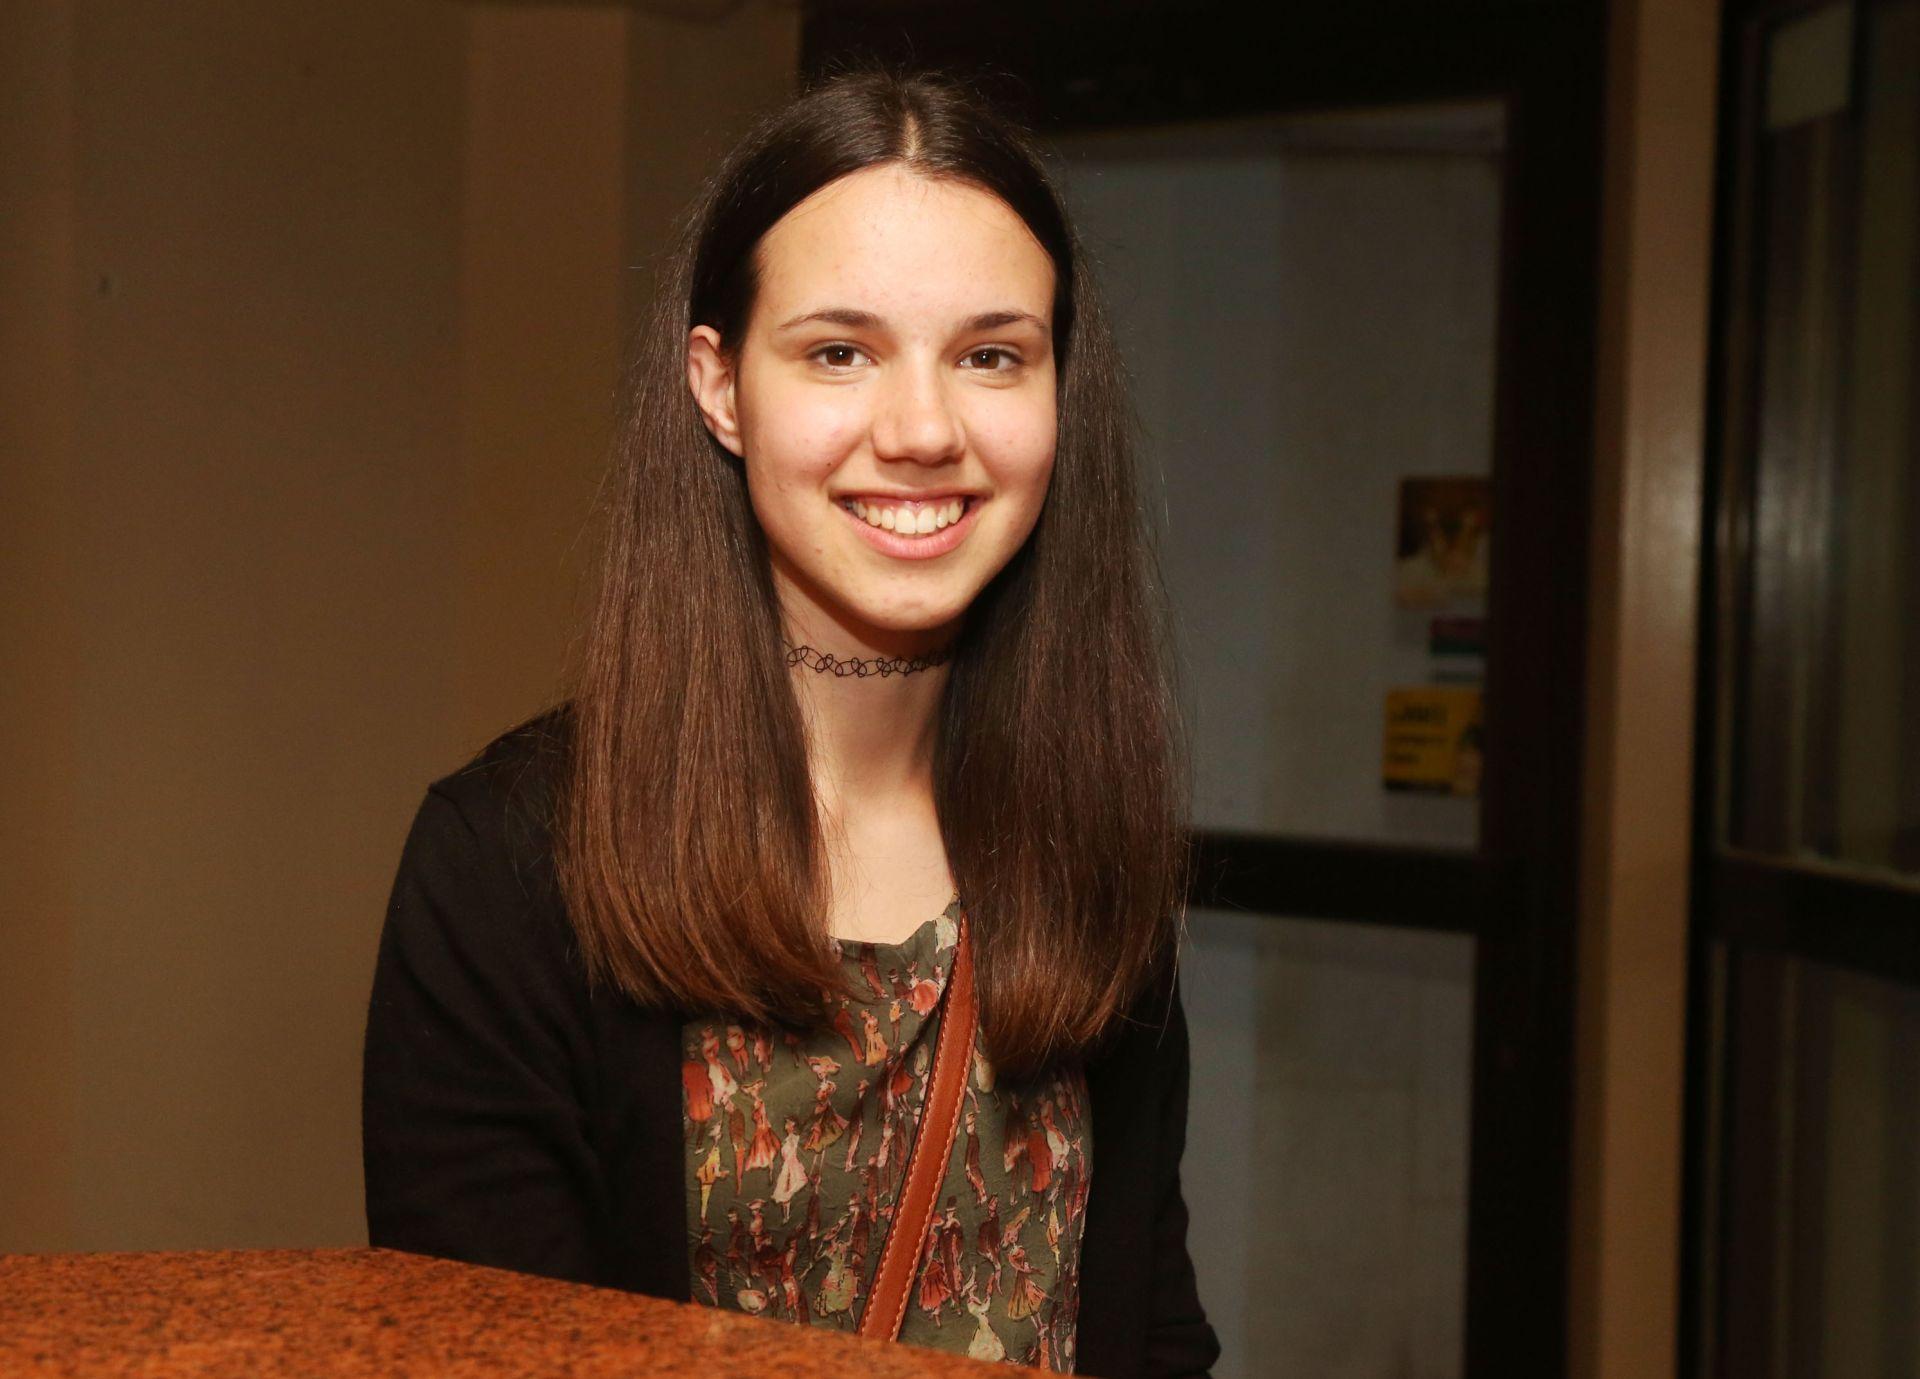 NAJLJEPŠI POKLON ZA BOŽIĆ: Rebeka iz Primoštena, nakon operacije u Americi, može uživati u životu punim plućima